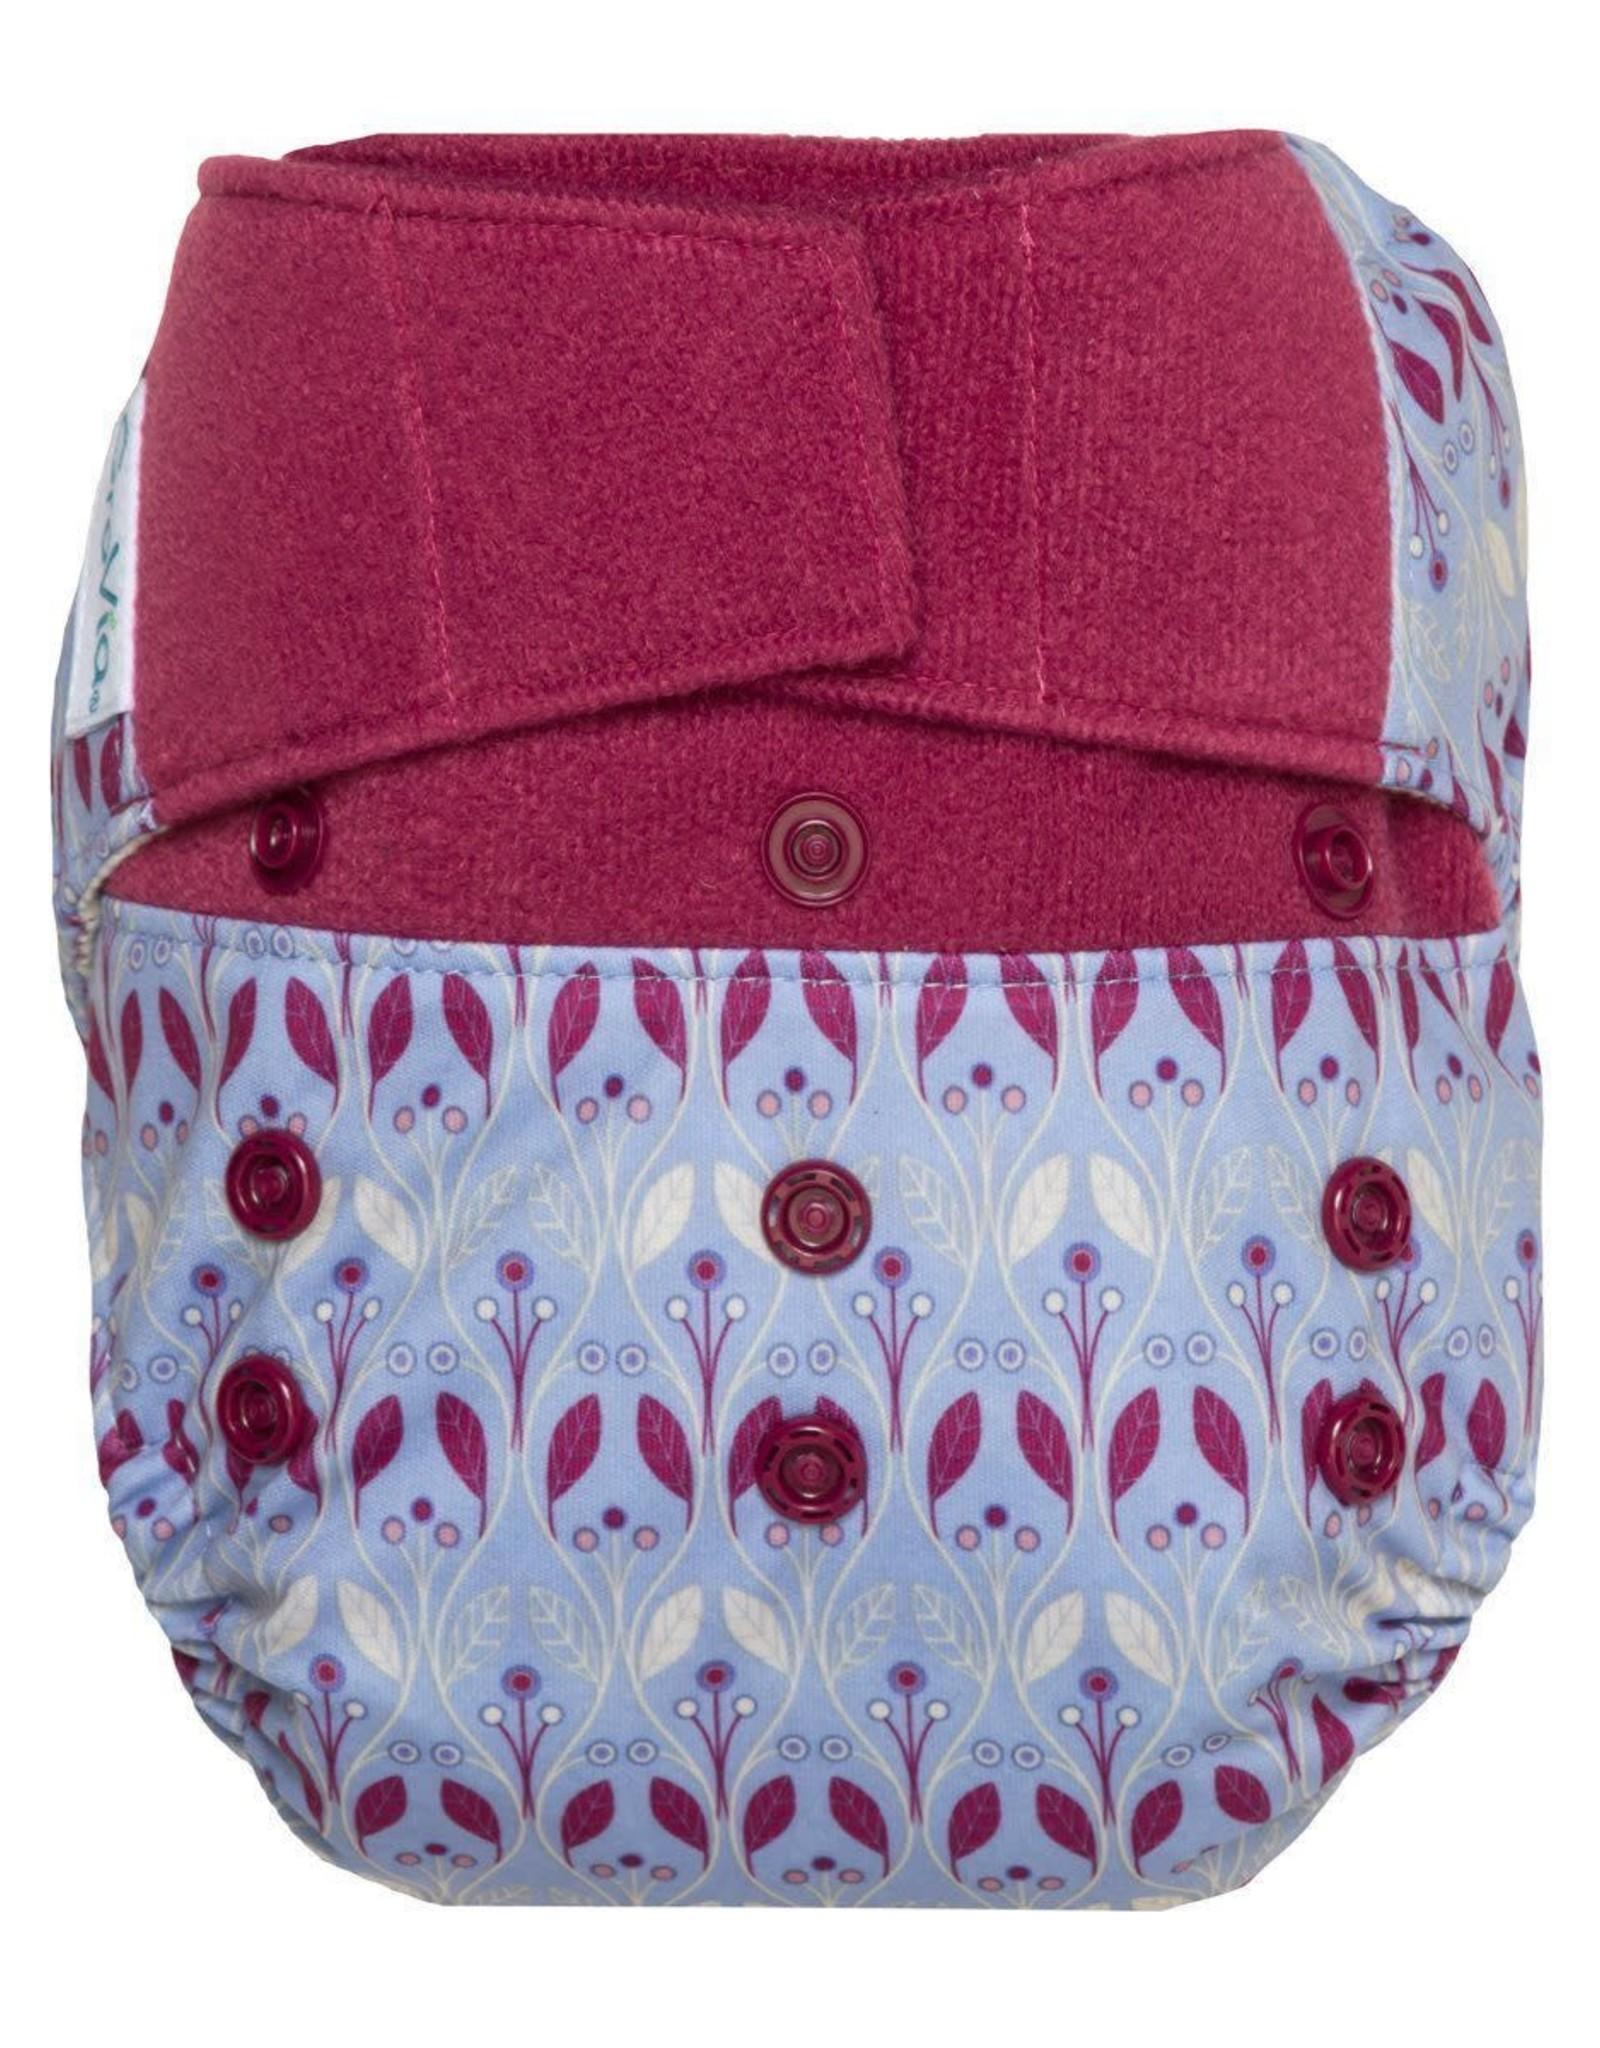 Hook & Loop Hybrid Cloth Diapers- Waverly